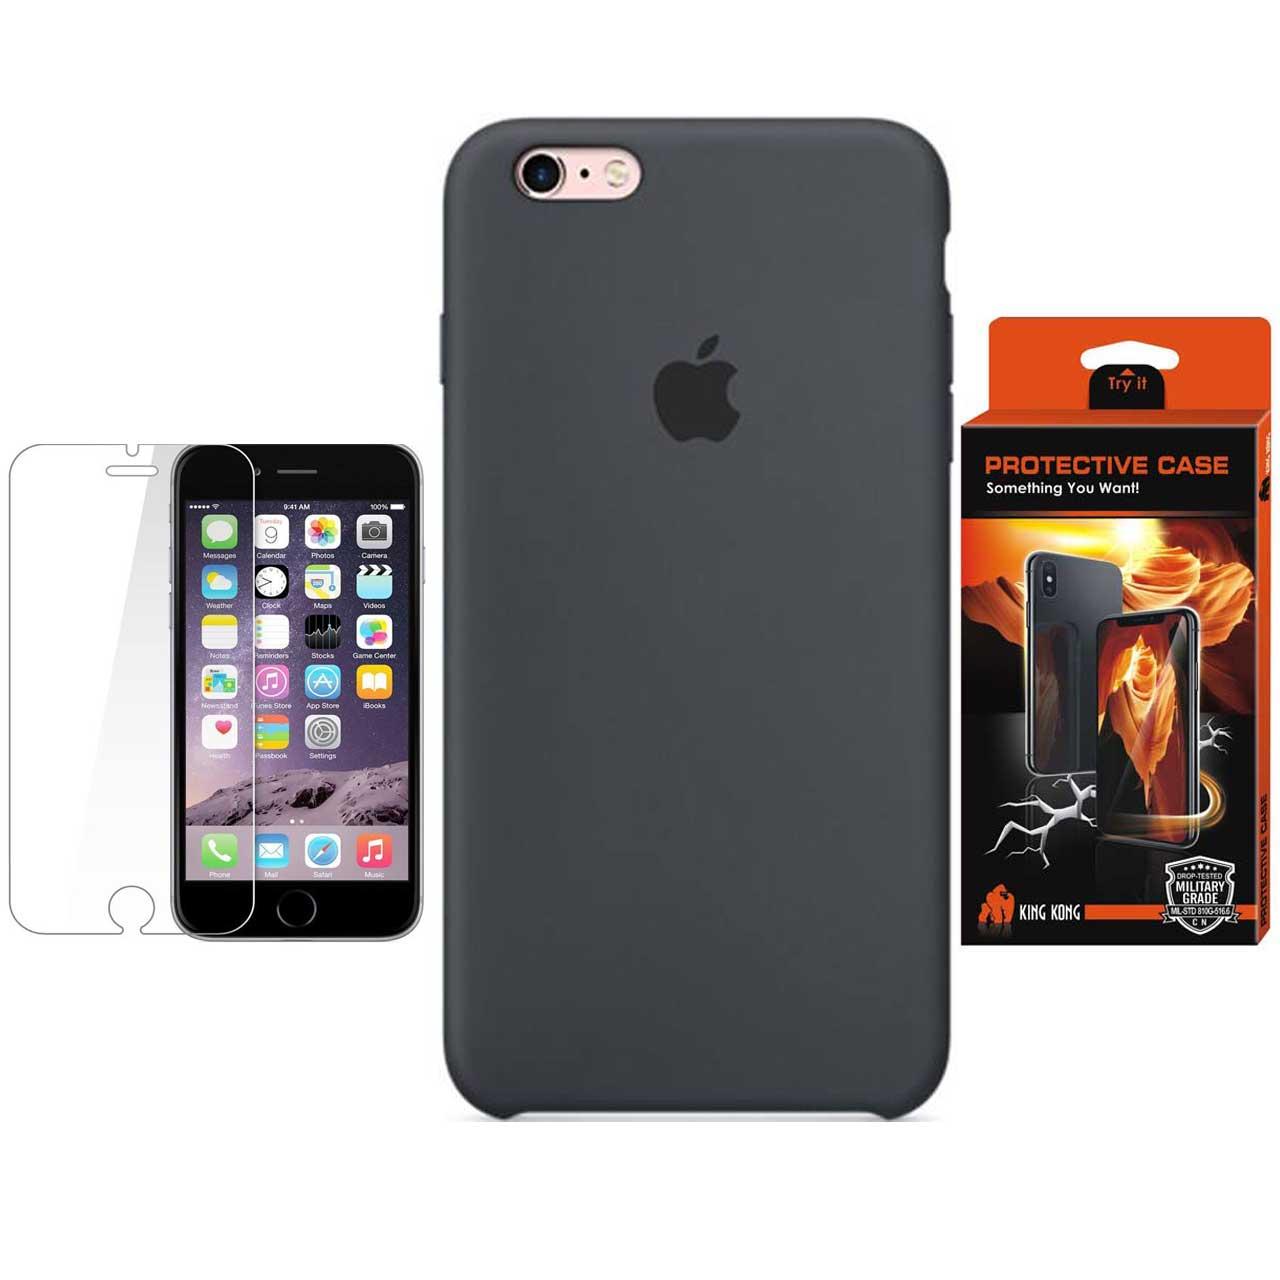 کاور سیلیکونی پروتکتیو کیس مدل Hyper Protector مناسب برای گوشی موبایل اپل iPhone 6Plus/6S Plus به همراه محافظ صفحه نمایش